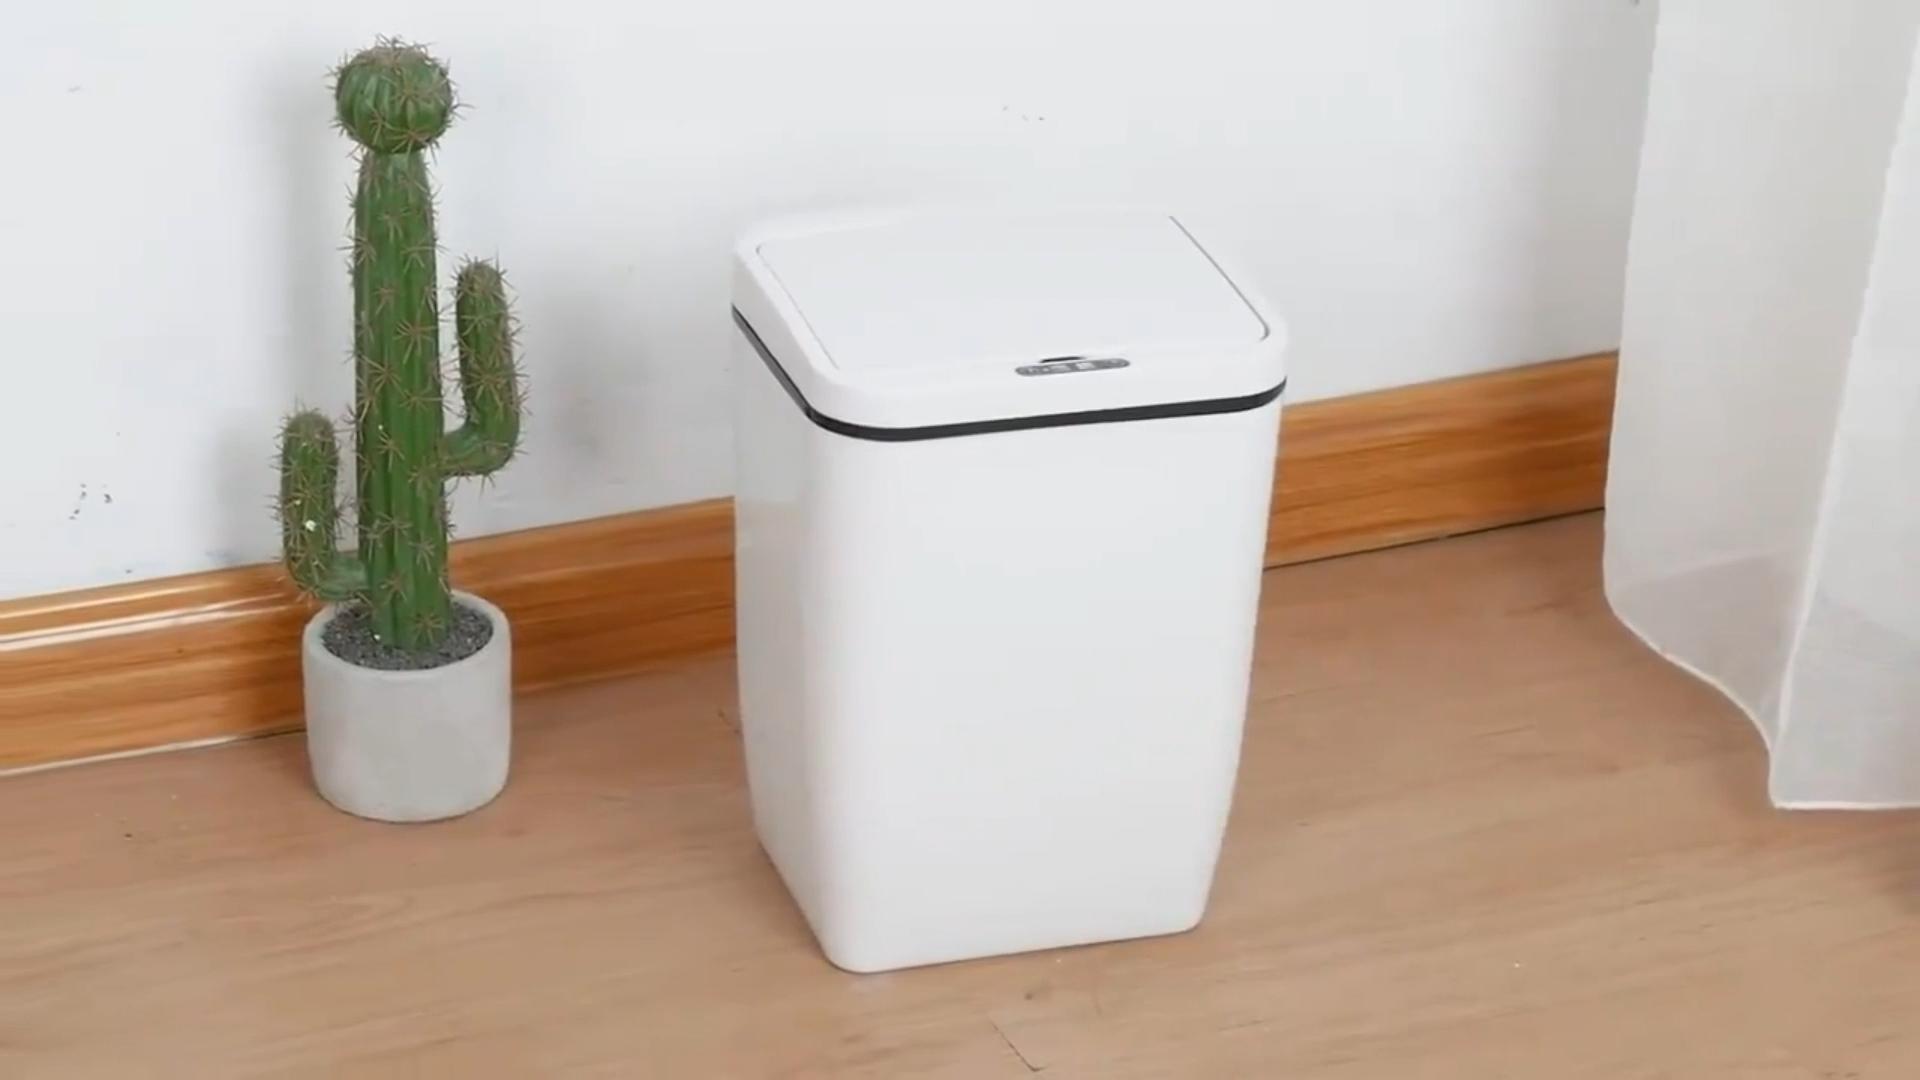 12L Hause Intelligente Mülleimer Automatische Sensor Mülleimer Smart Sensor Elektrische Abfall Bins Umweltfreundliche Staub Bin PP Kunststoff